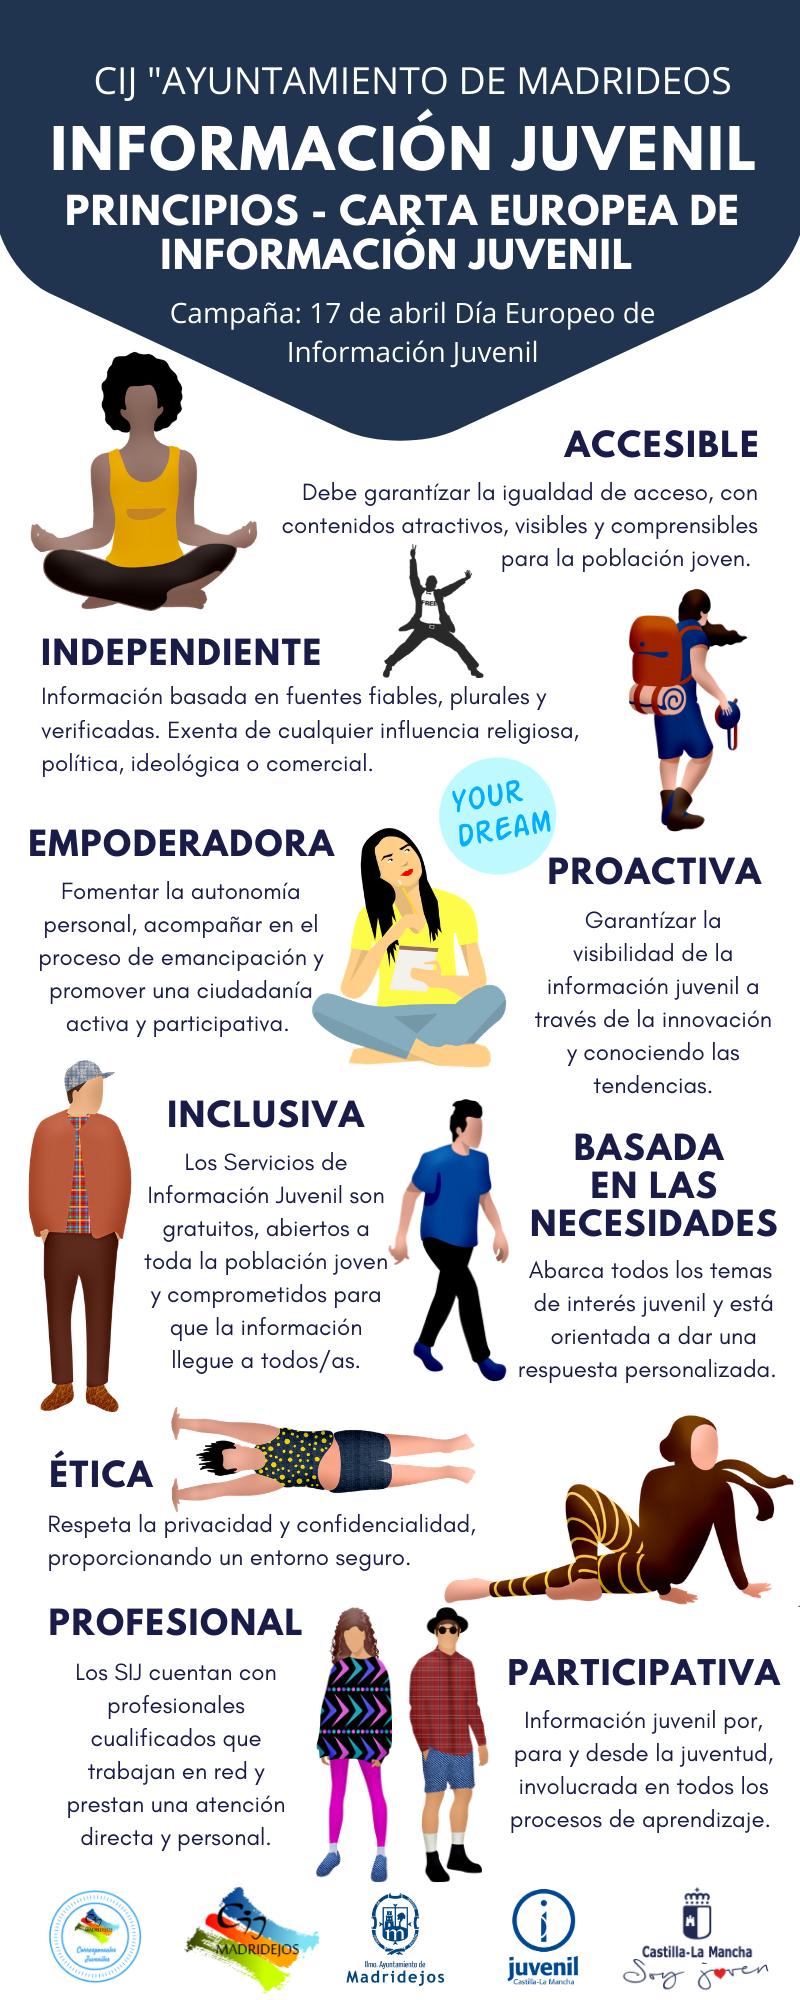 informacion juvenil principios